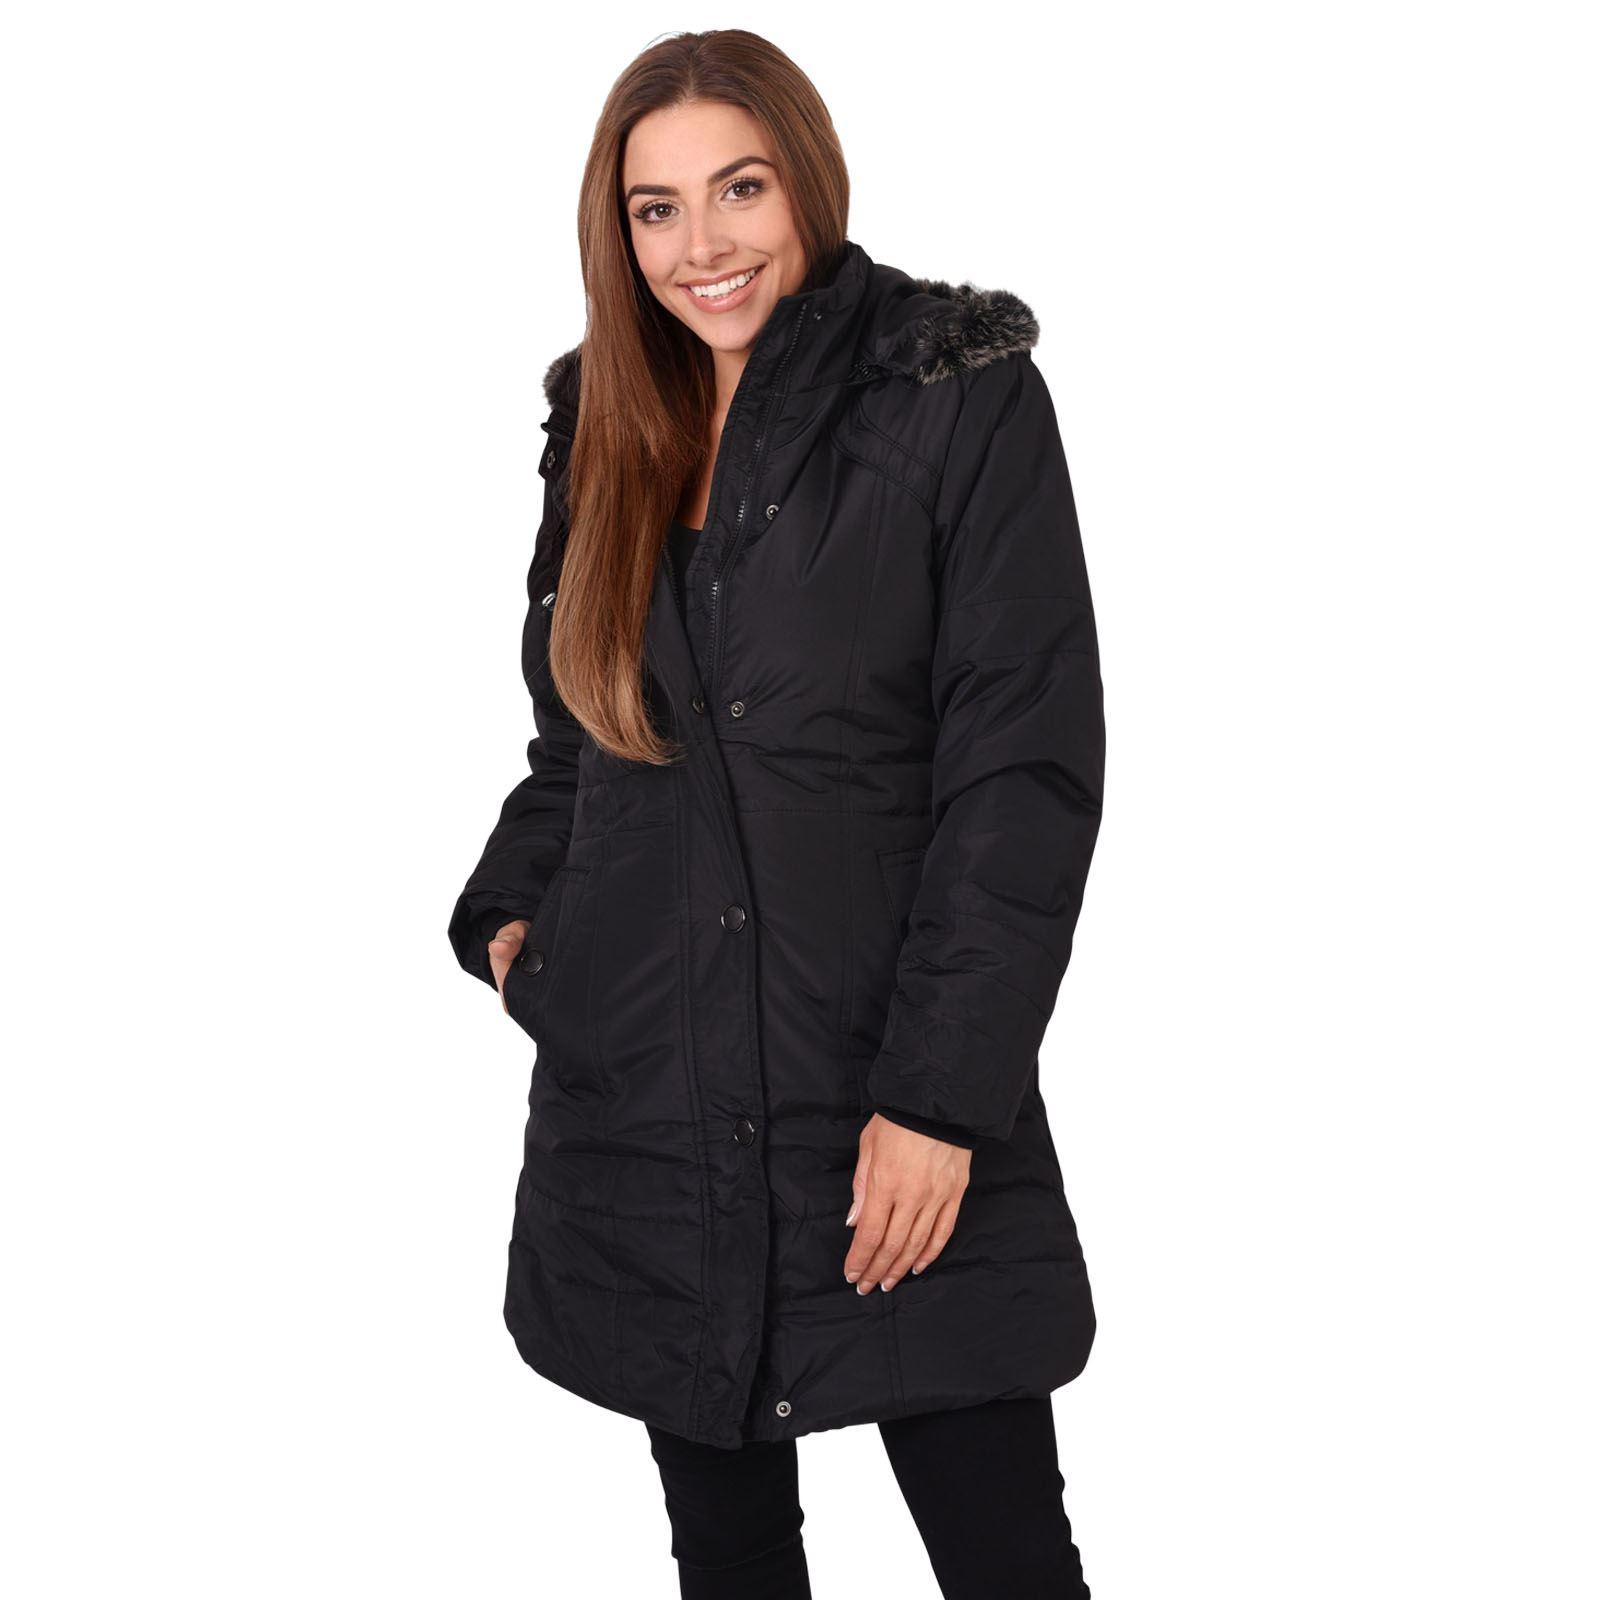 femmes manteau doudoune blouson jacket capuche fausse fourrure chaud hiver ski ebay. Black Bedroom Furniture Sets. Home Design Ideas